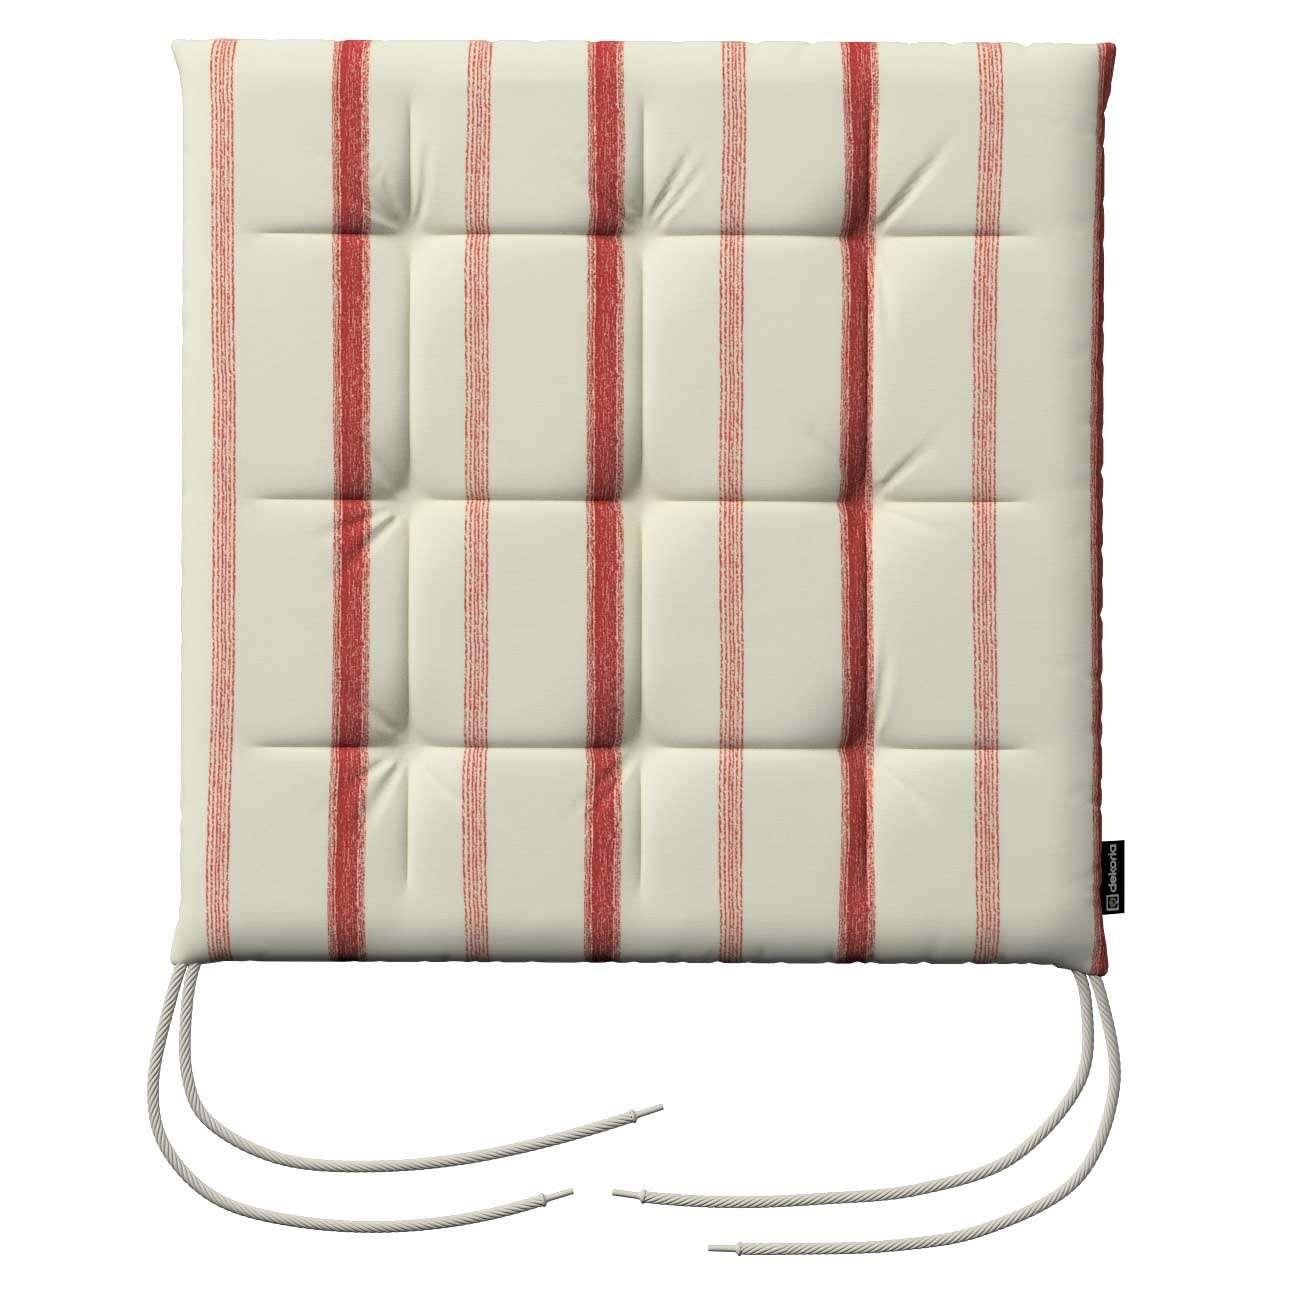 Siedzisko Karol na krzesło 40x40x3,5cm w kolekcji Avinon, tkanina: 129-15